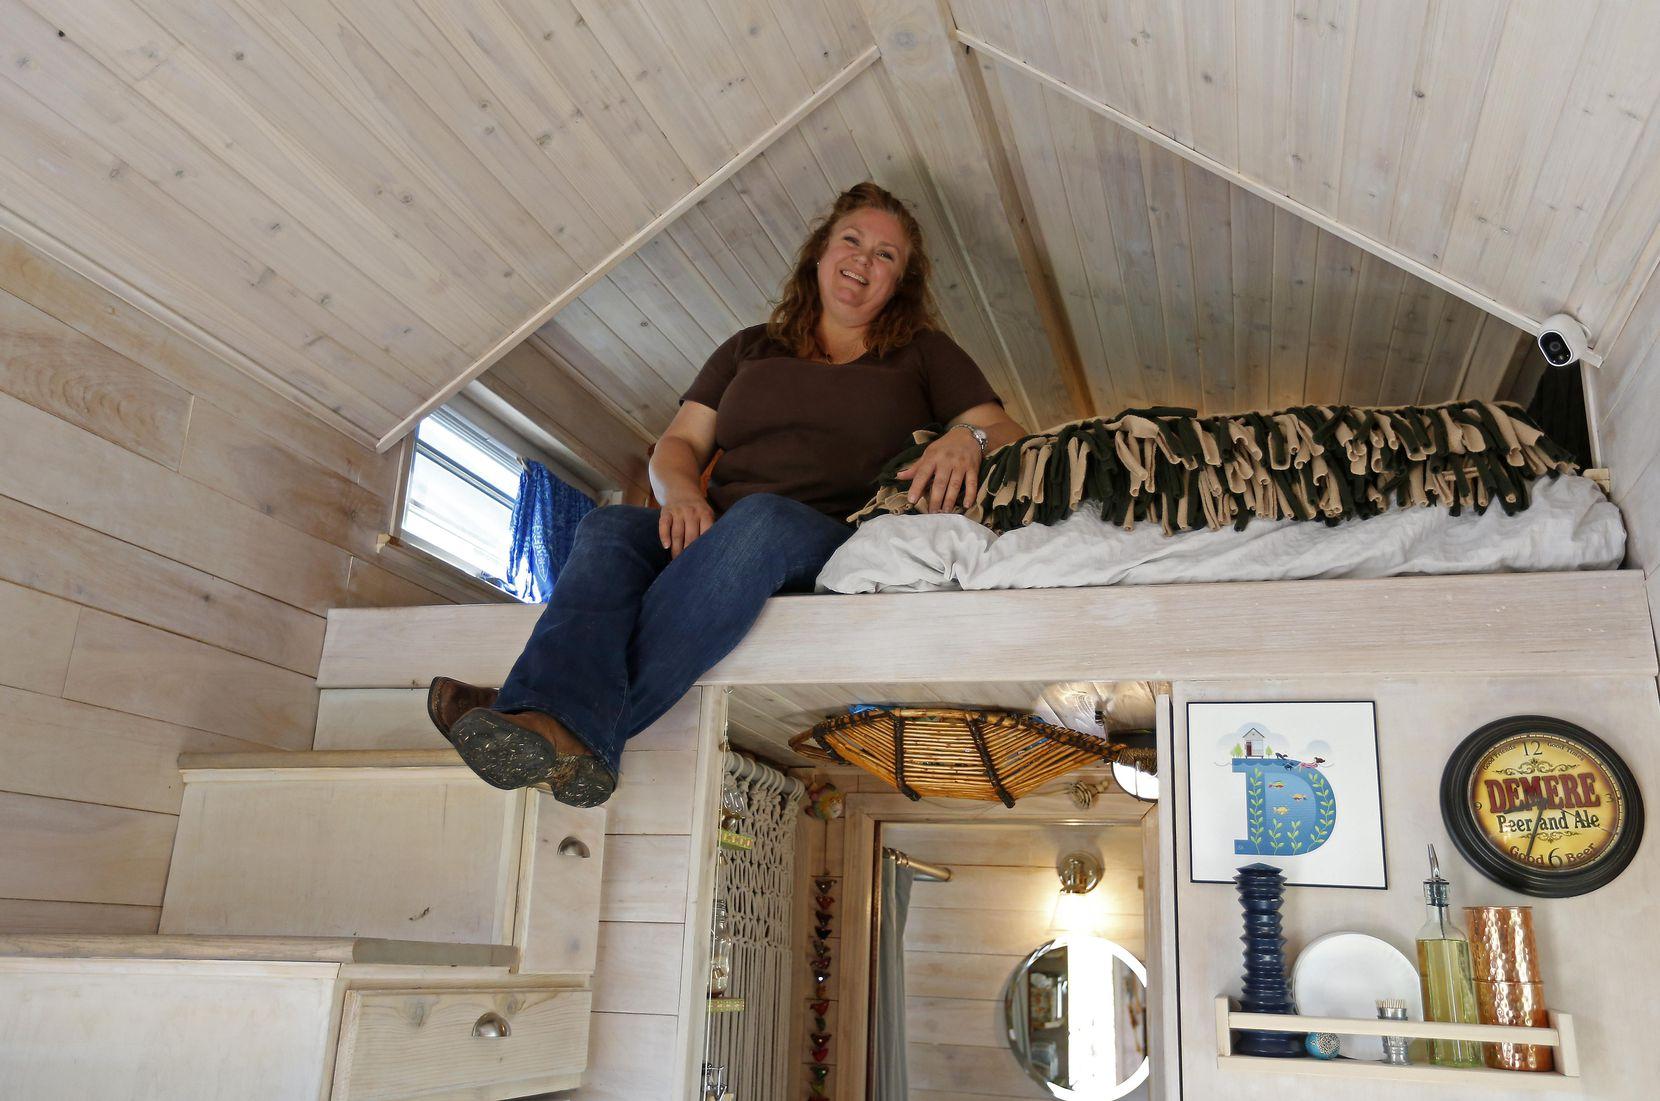 Demere O'Dell al interior de su microcasa en Blue Ridge, Texas. DMN